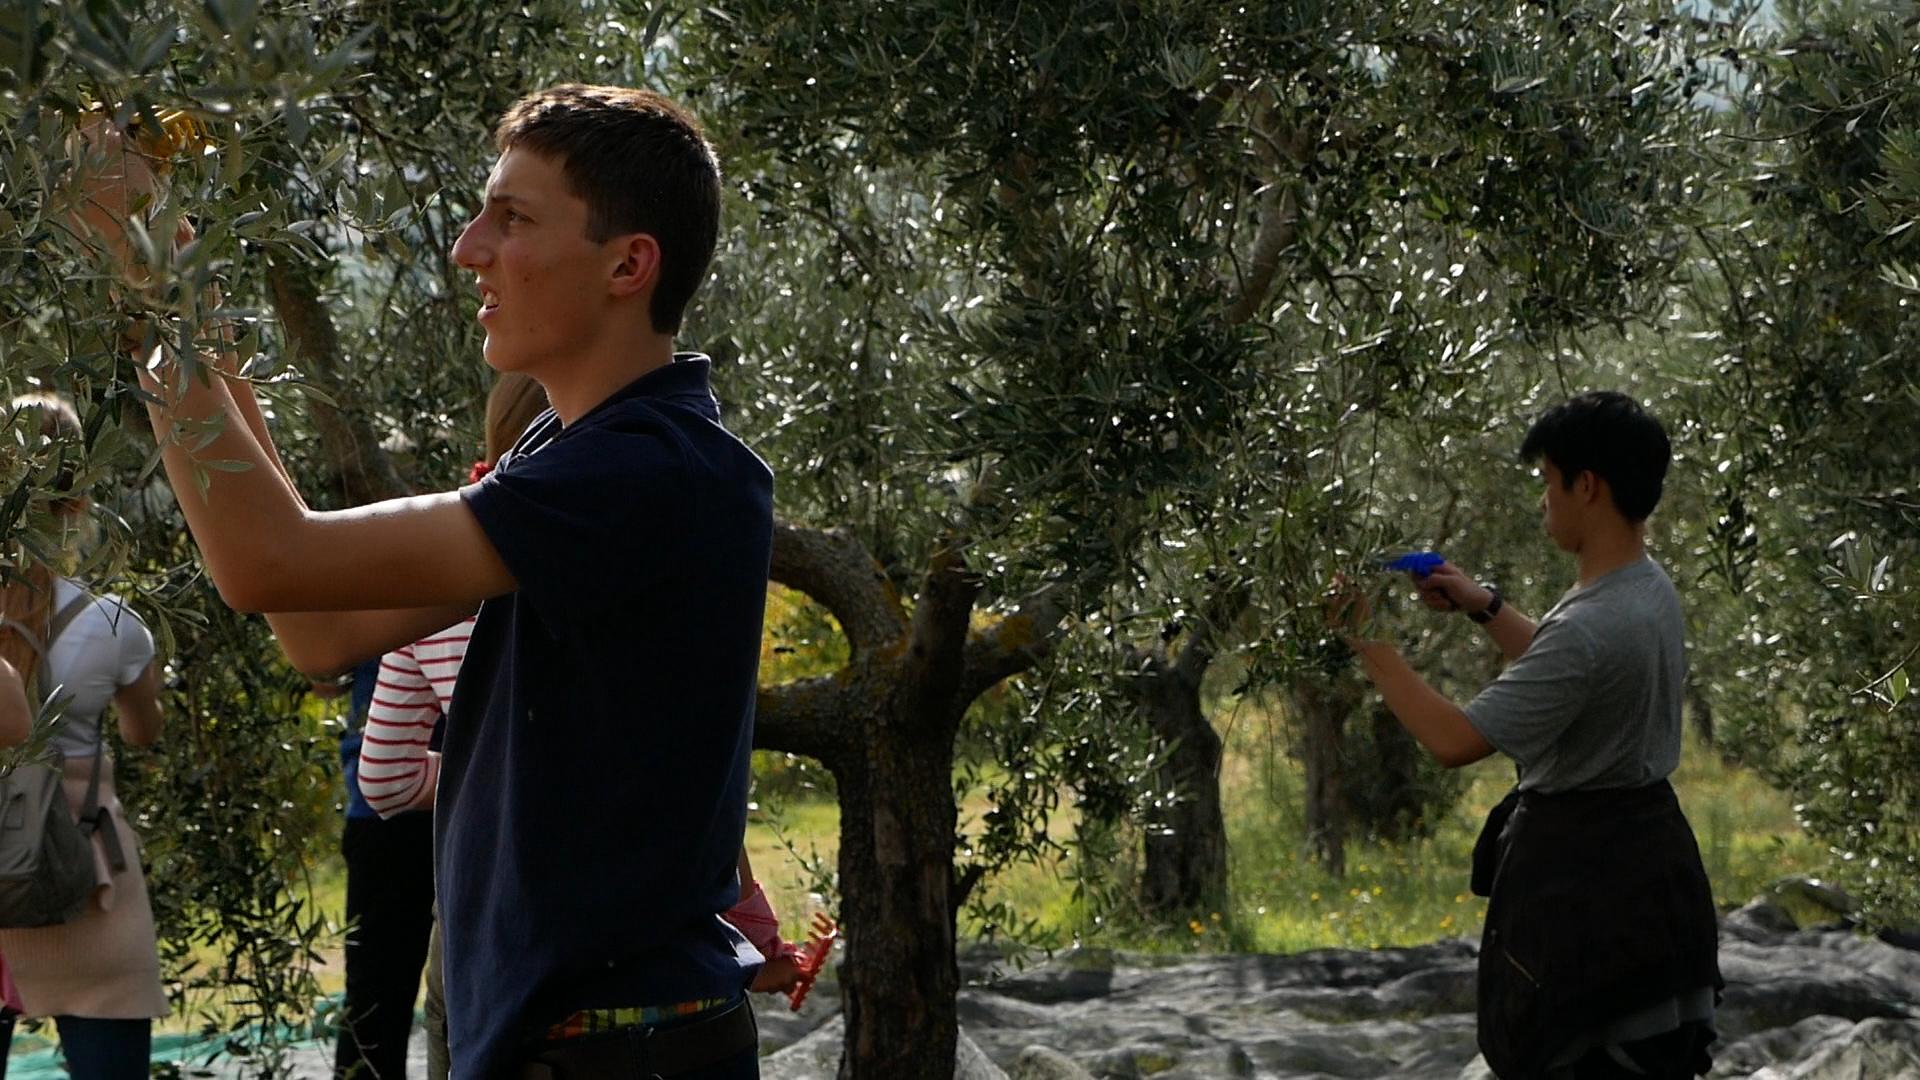 Esperienza sensoriale Assisi Tili Vini - Raccogliamo le olive insieme 6